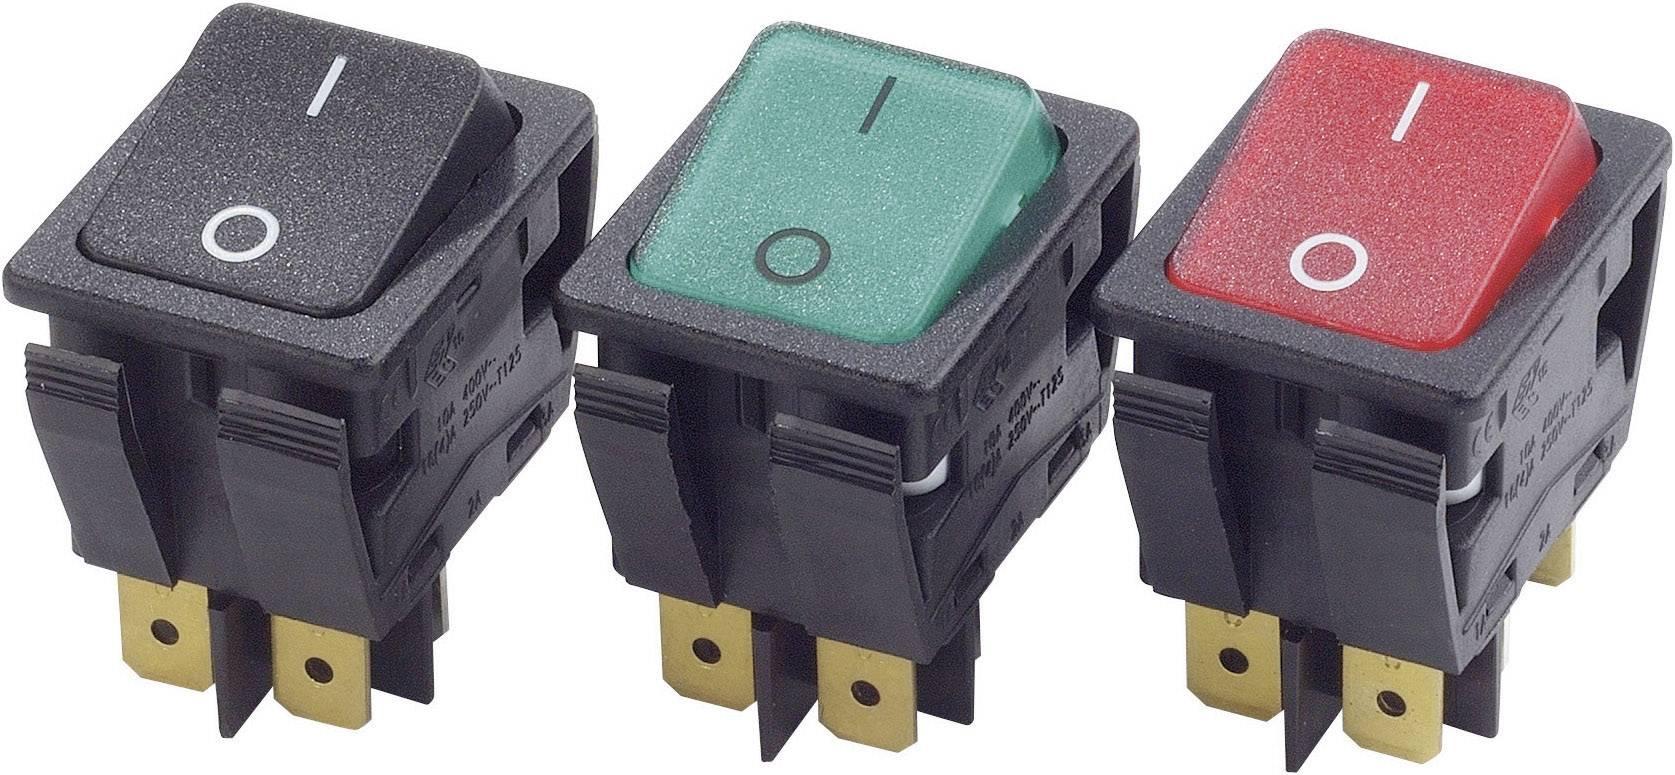 Kolébkový spínač s aretací Arcolectric C6057ALNAC, 250 V/AC, 16 A, 2x vyp/zap, Barva světla: červená, 1 ks